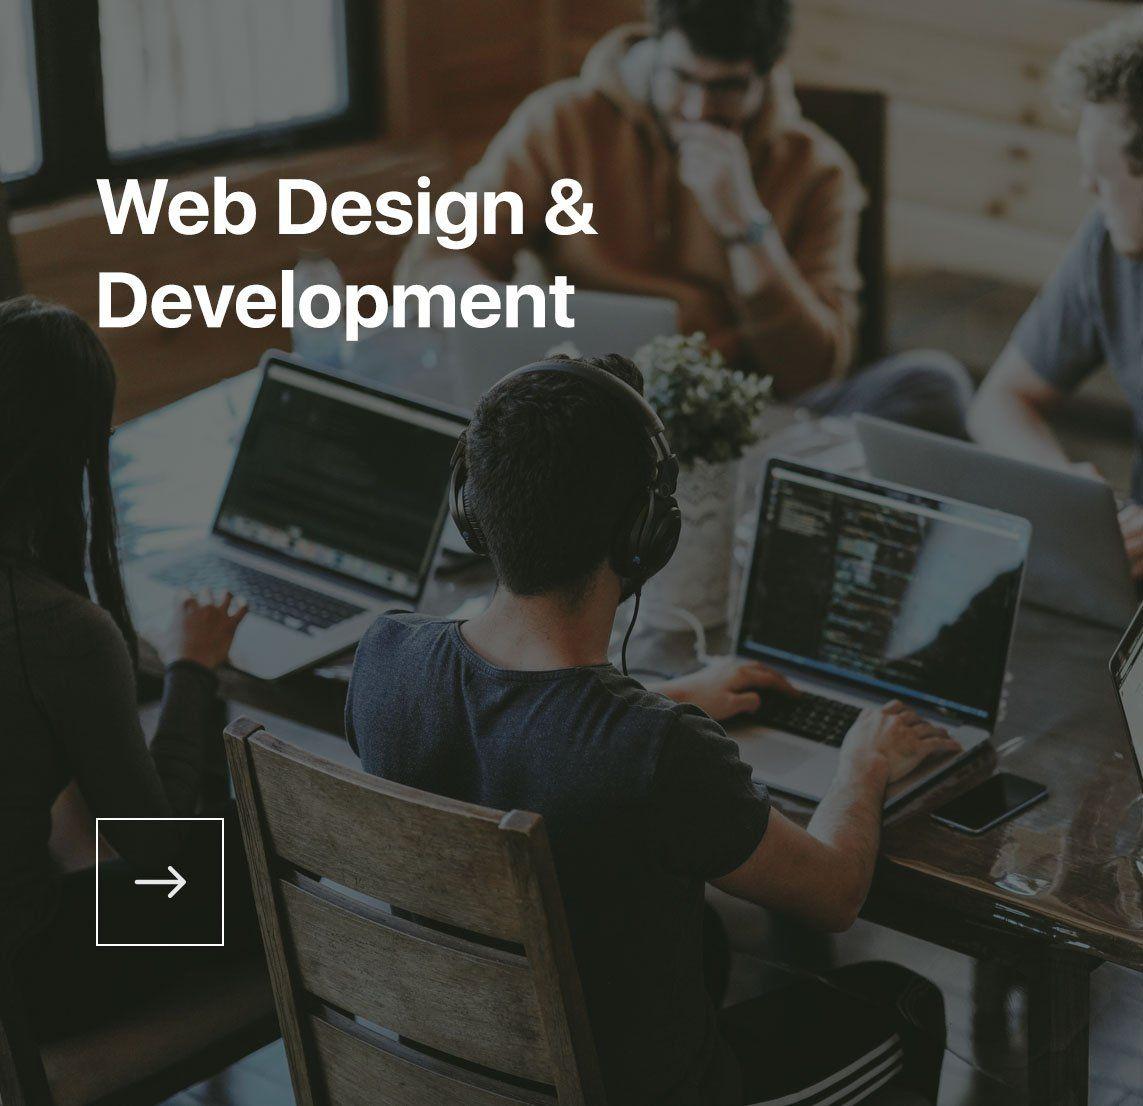 BrandYou Creative, Homepage, Brandyou Creative, Brandyou Creative